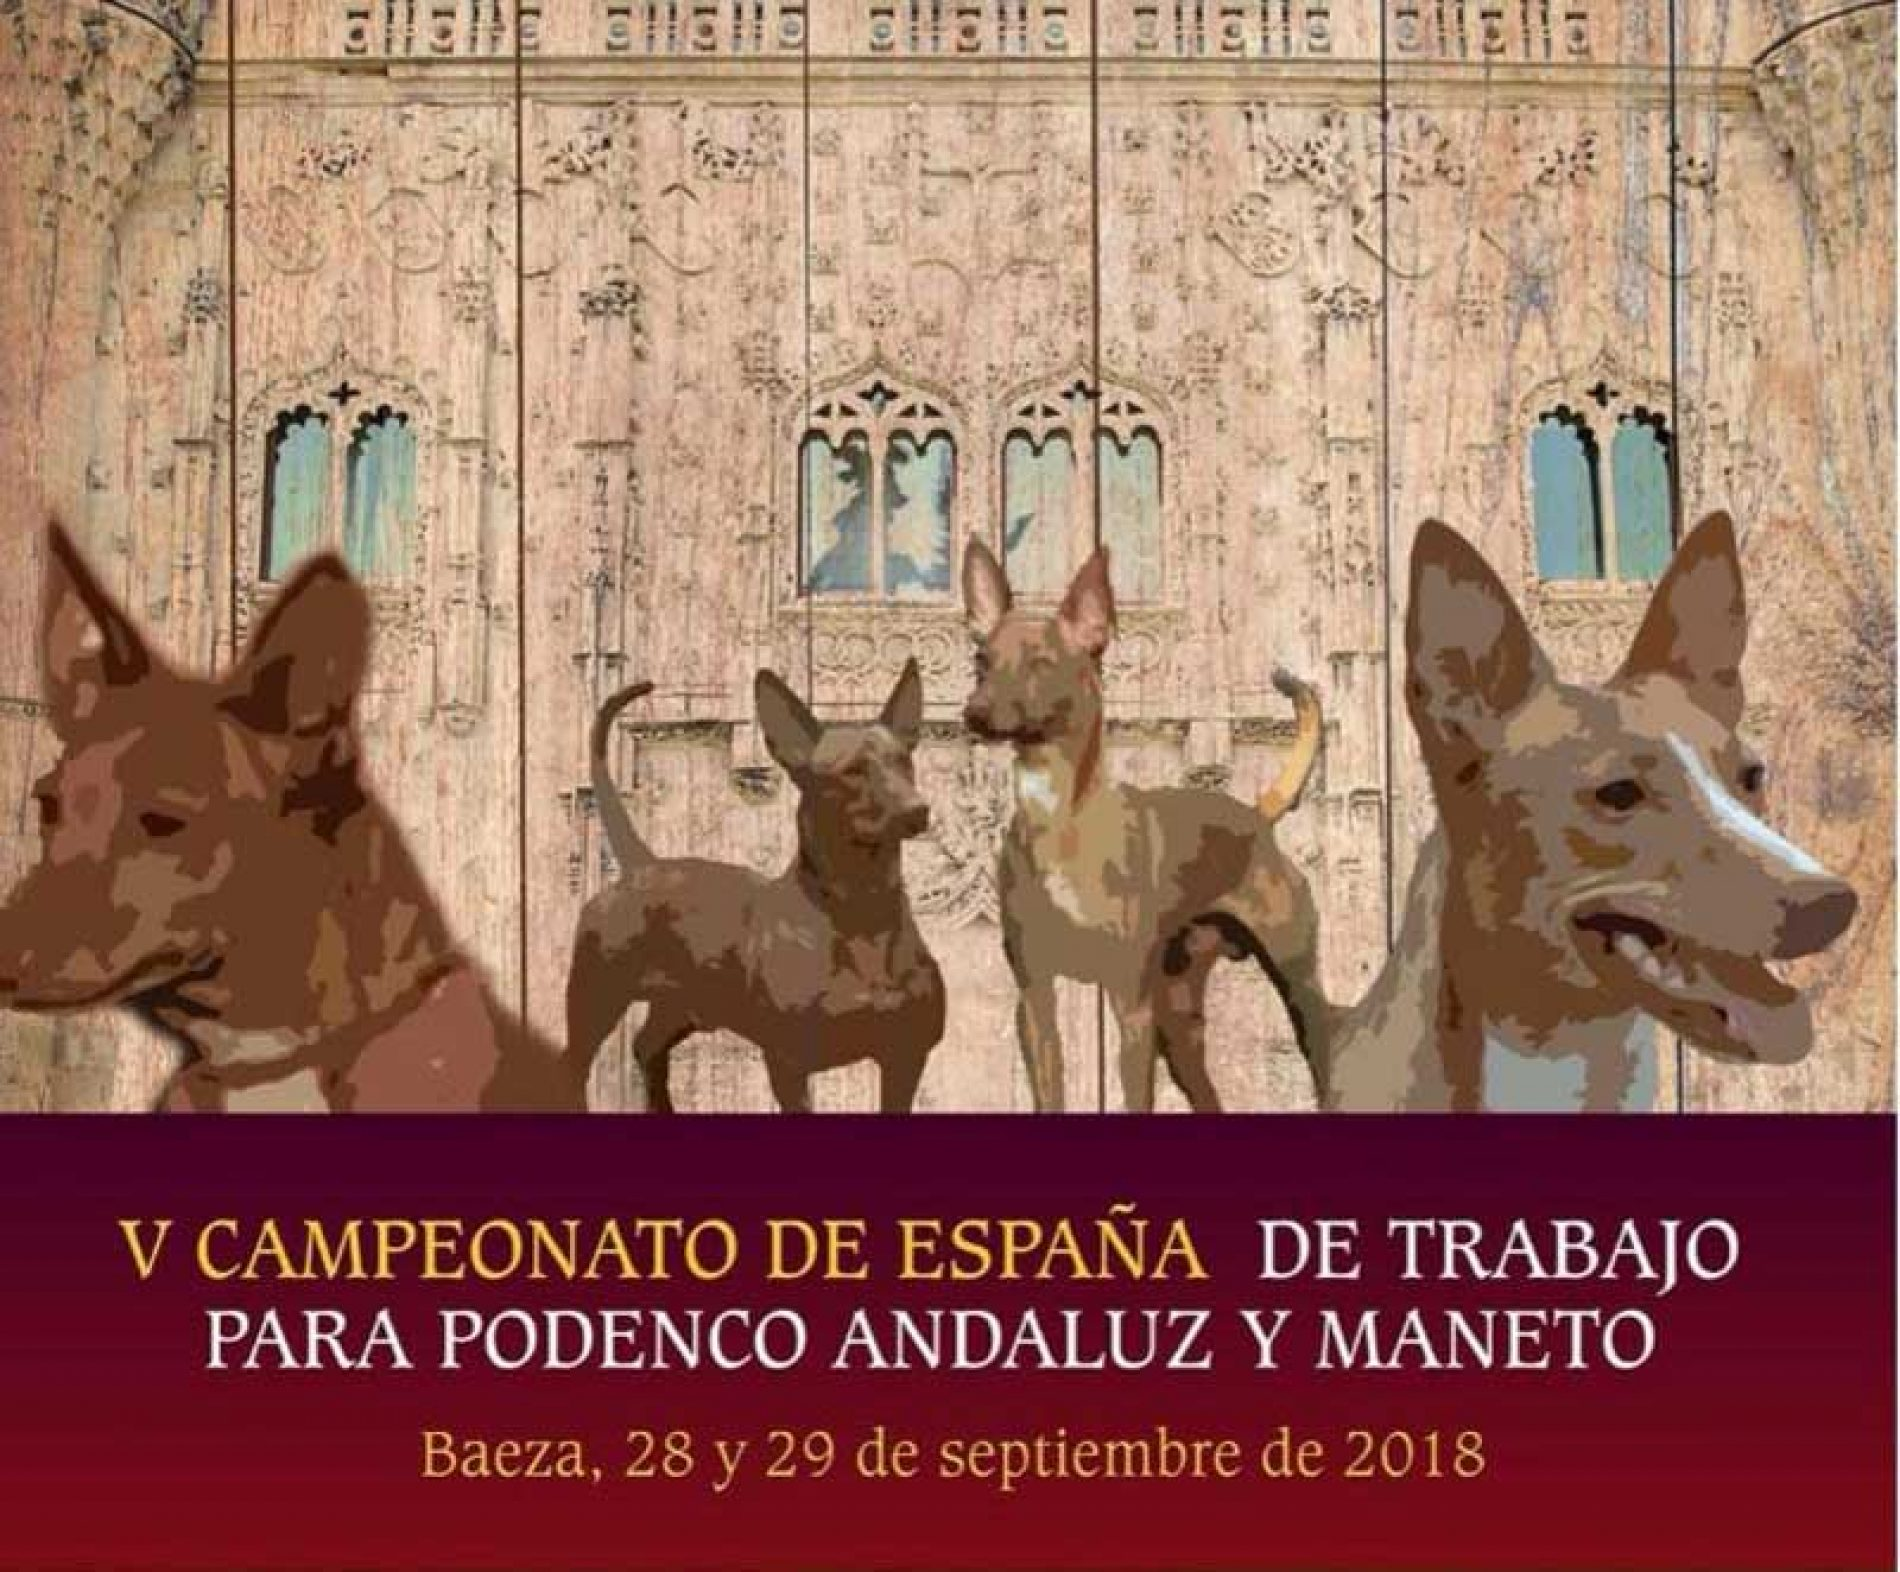 V Campeonato de España de Trabajo para Podenco Andaluz y Maneto